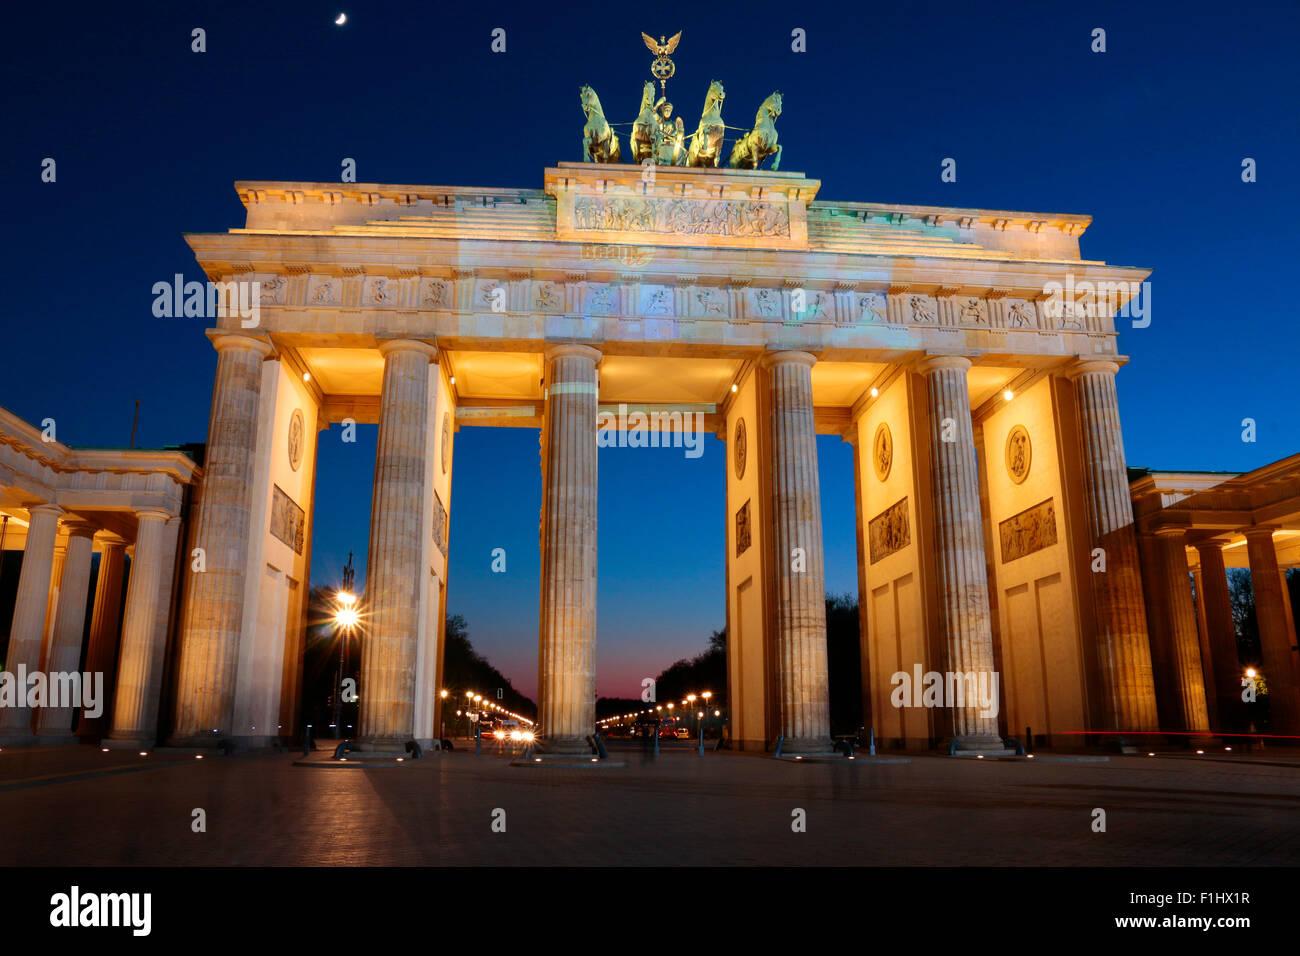 Pariser Platz mit dem Brandenburger Tor, Berlin-Mitte. - Stock Image